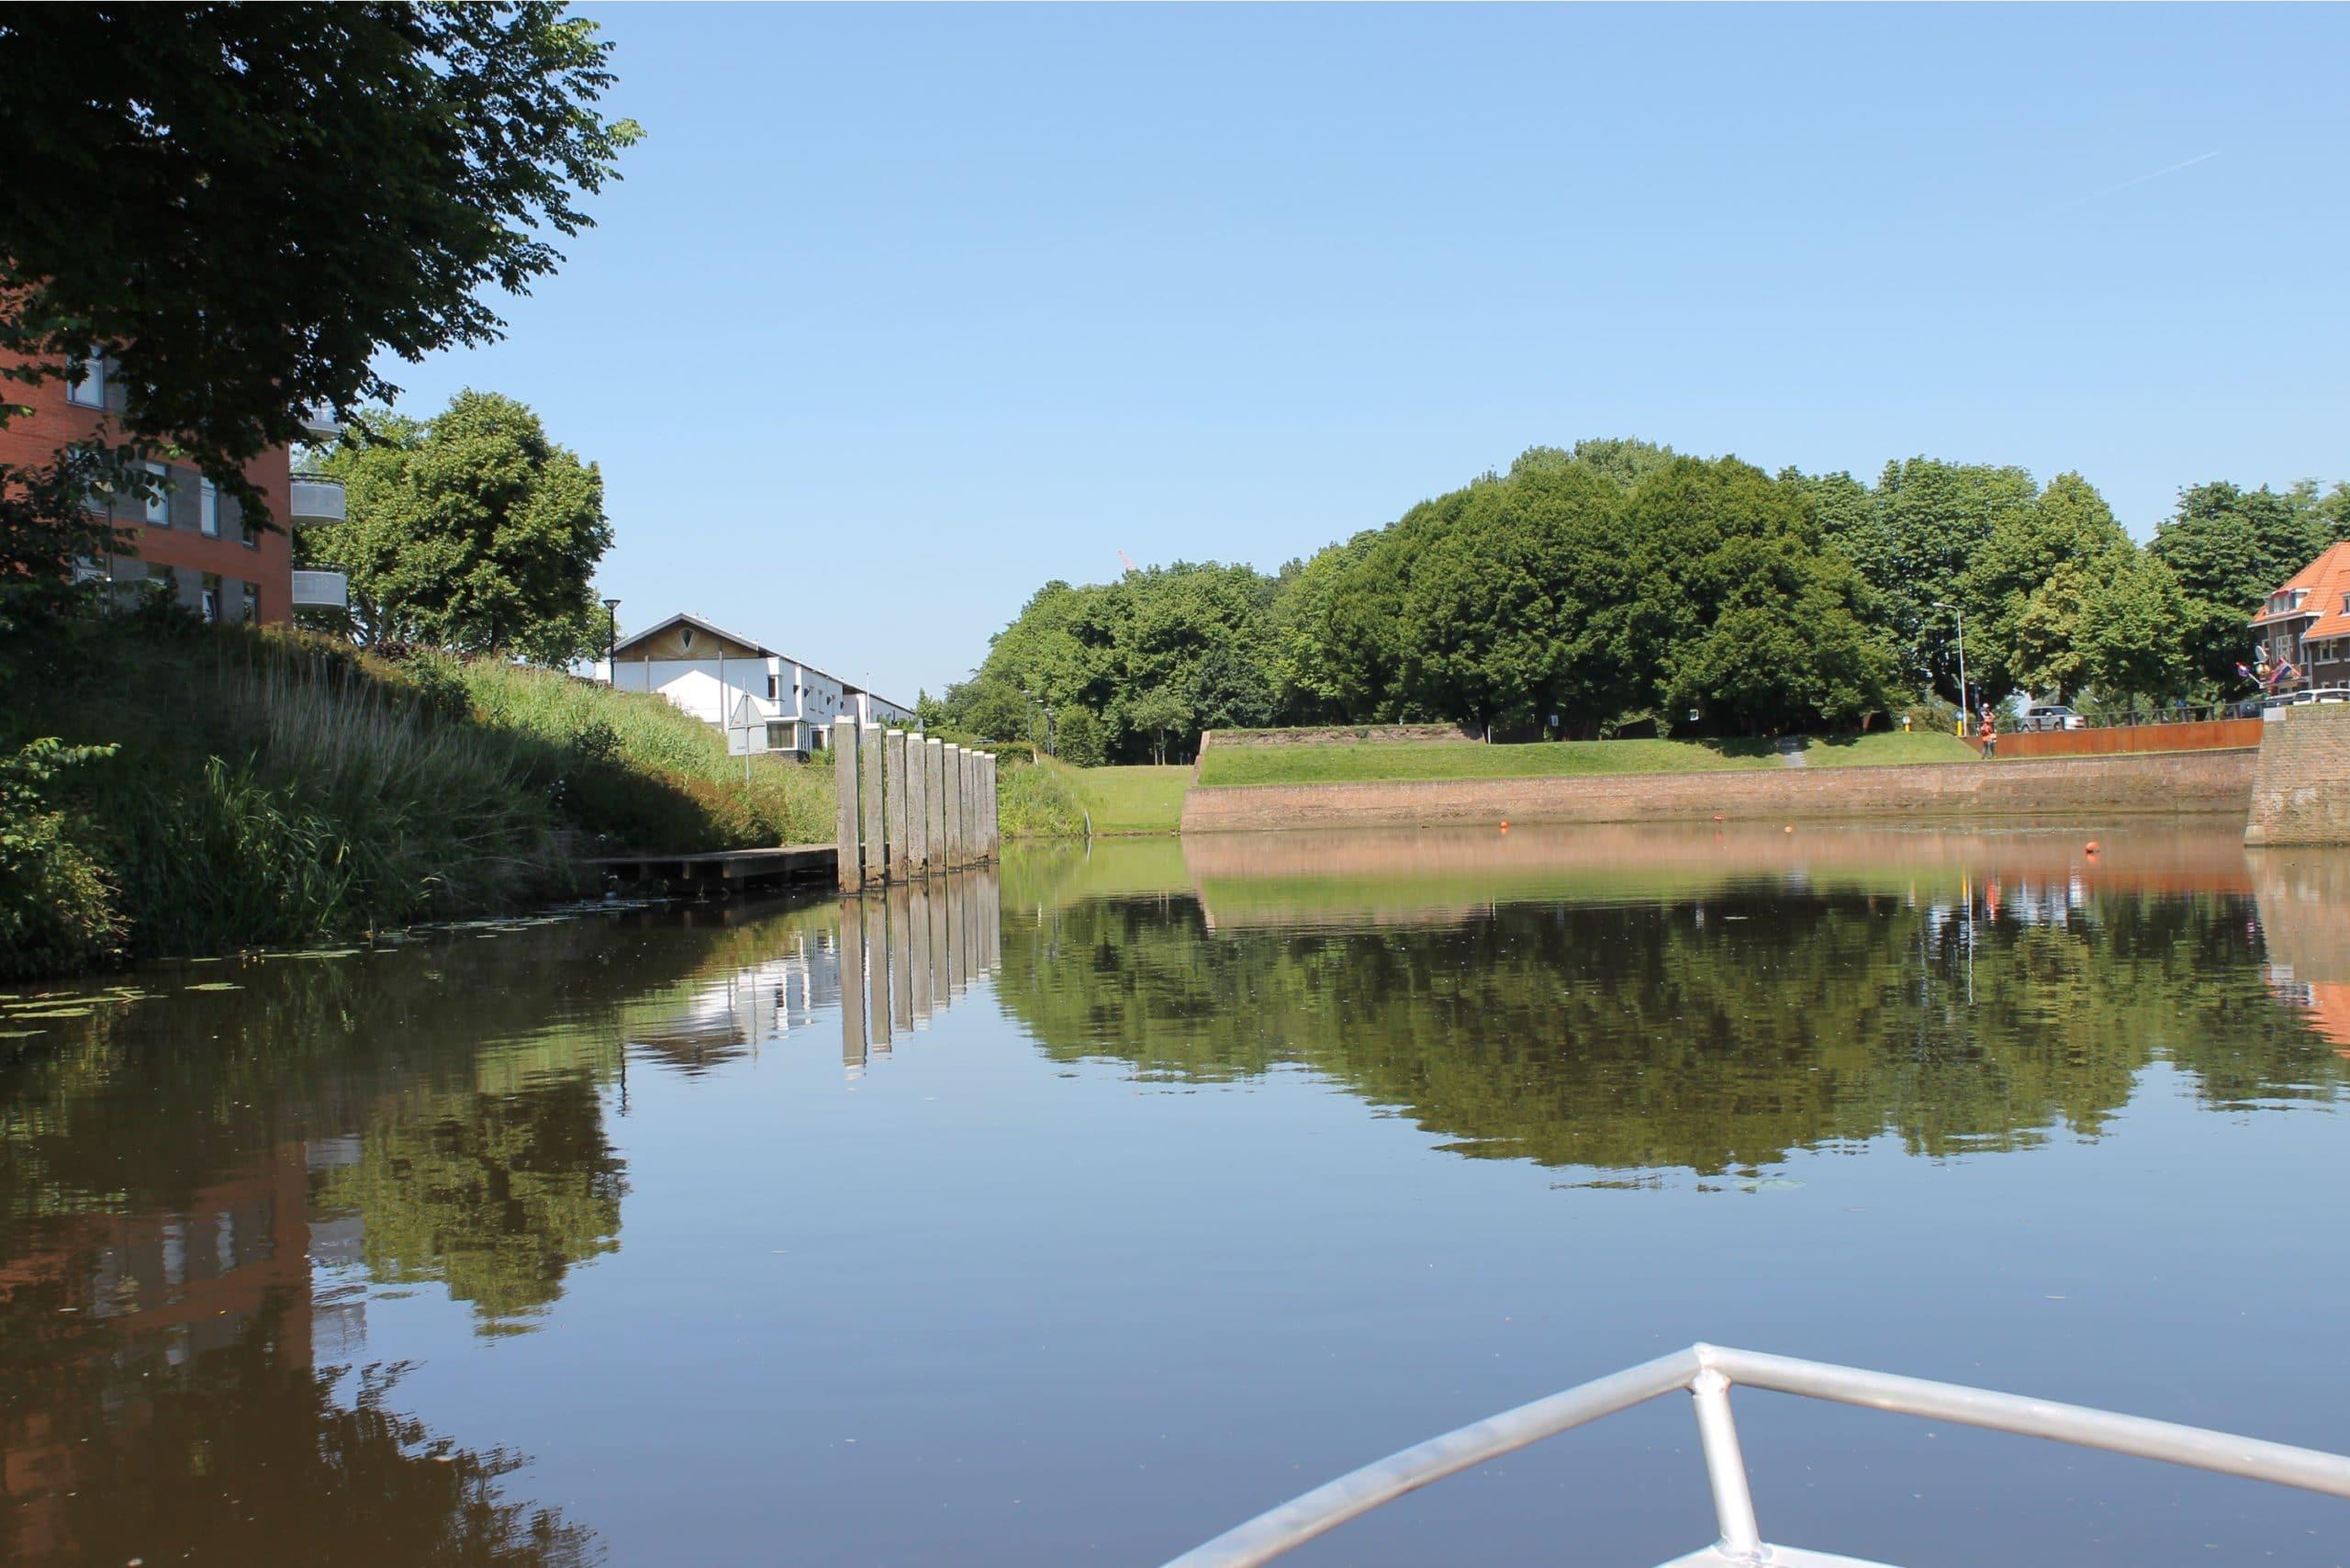 Varen met De Vlotte Vloot over rivier de Aa